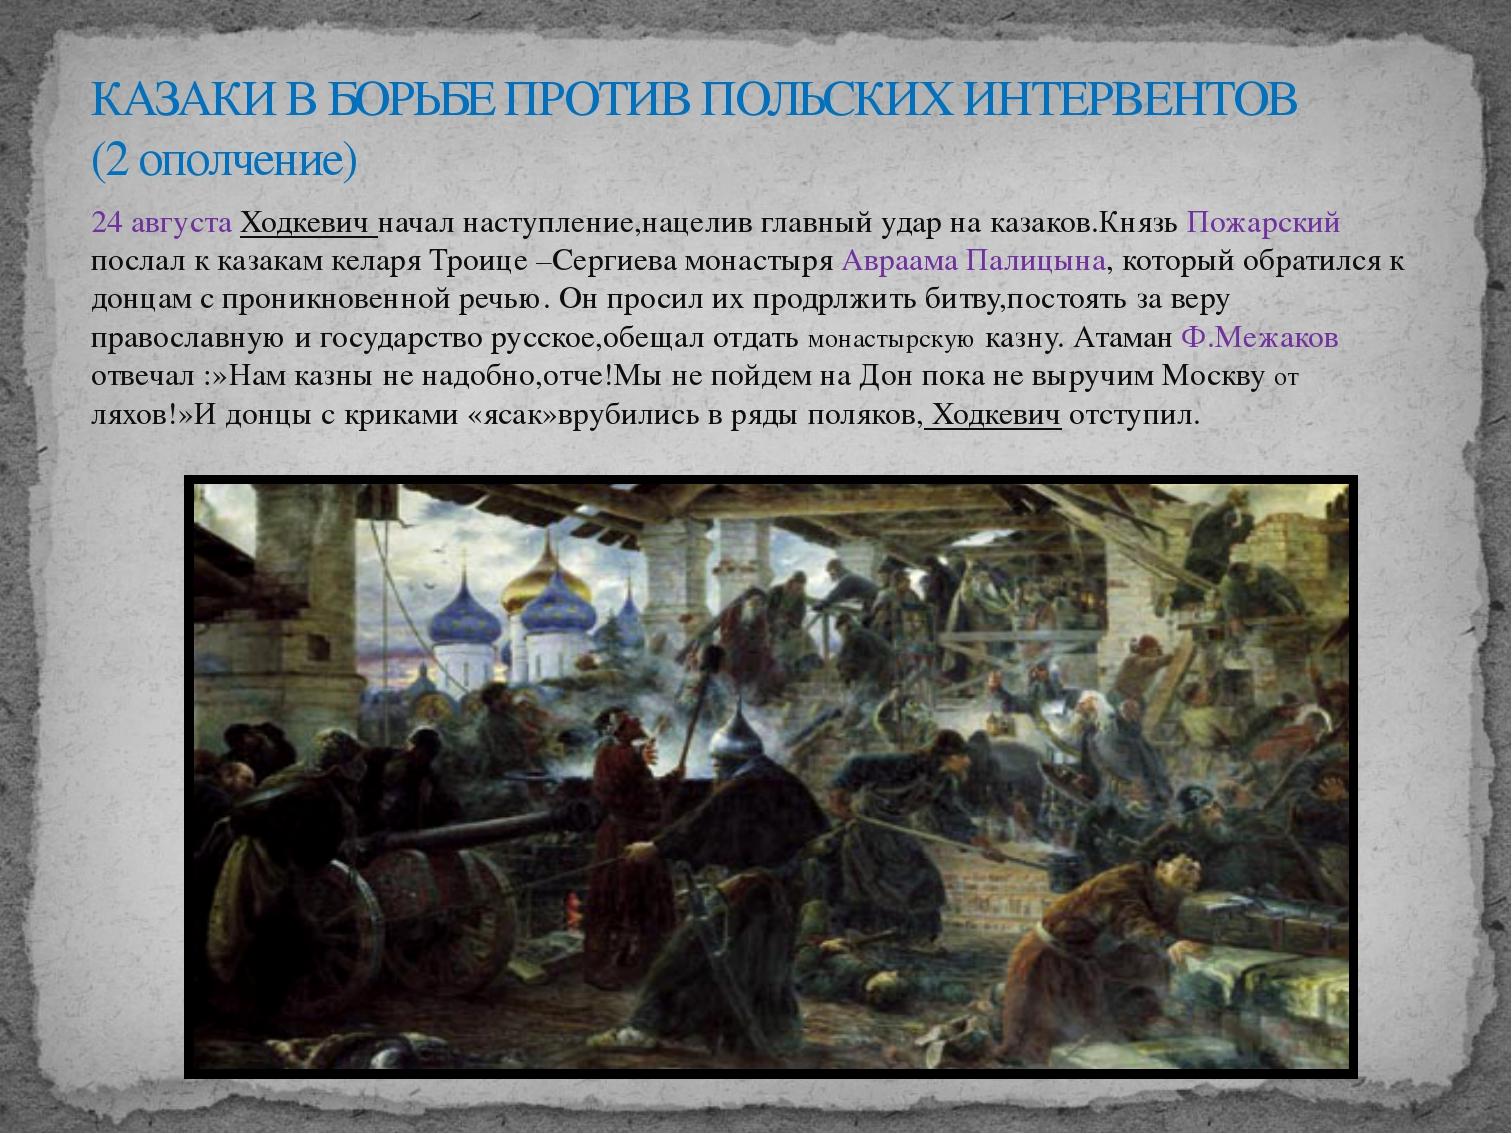 24 августа Ходкевич начал наступление,нацелив главный удар на казаков.Князь П...